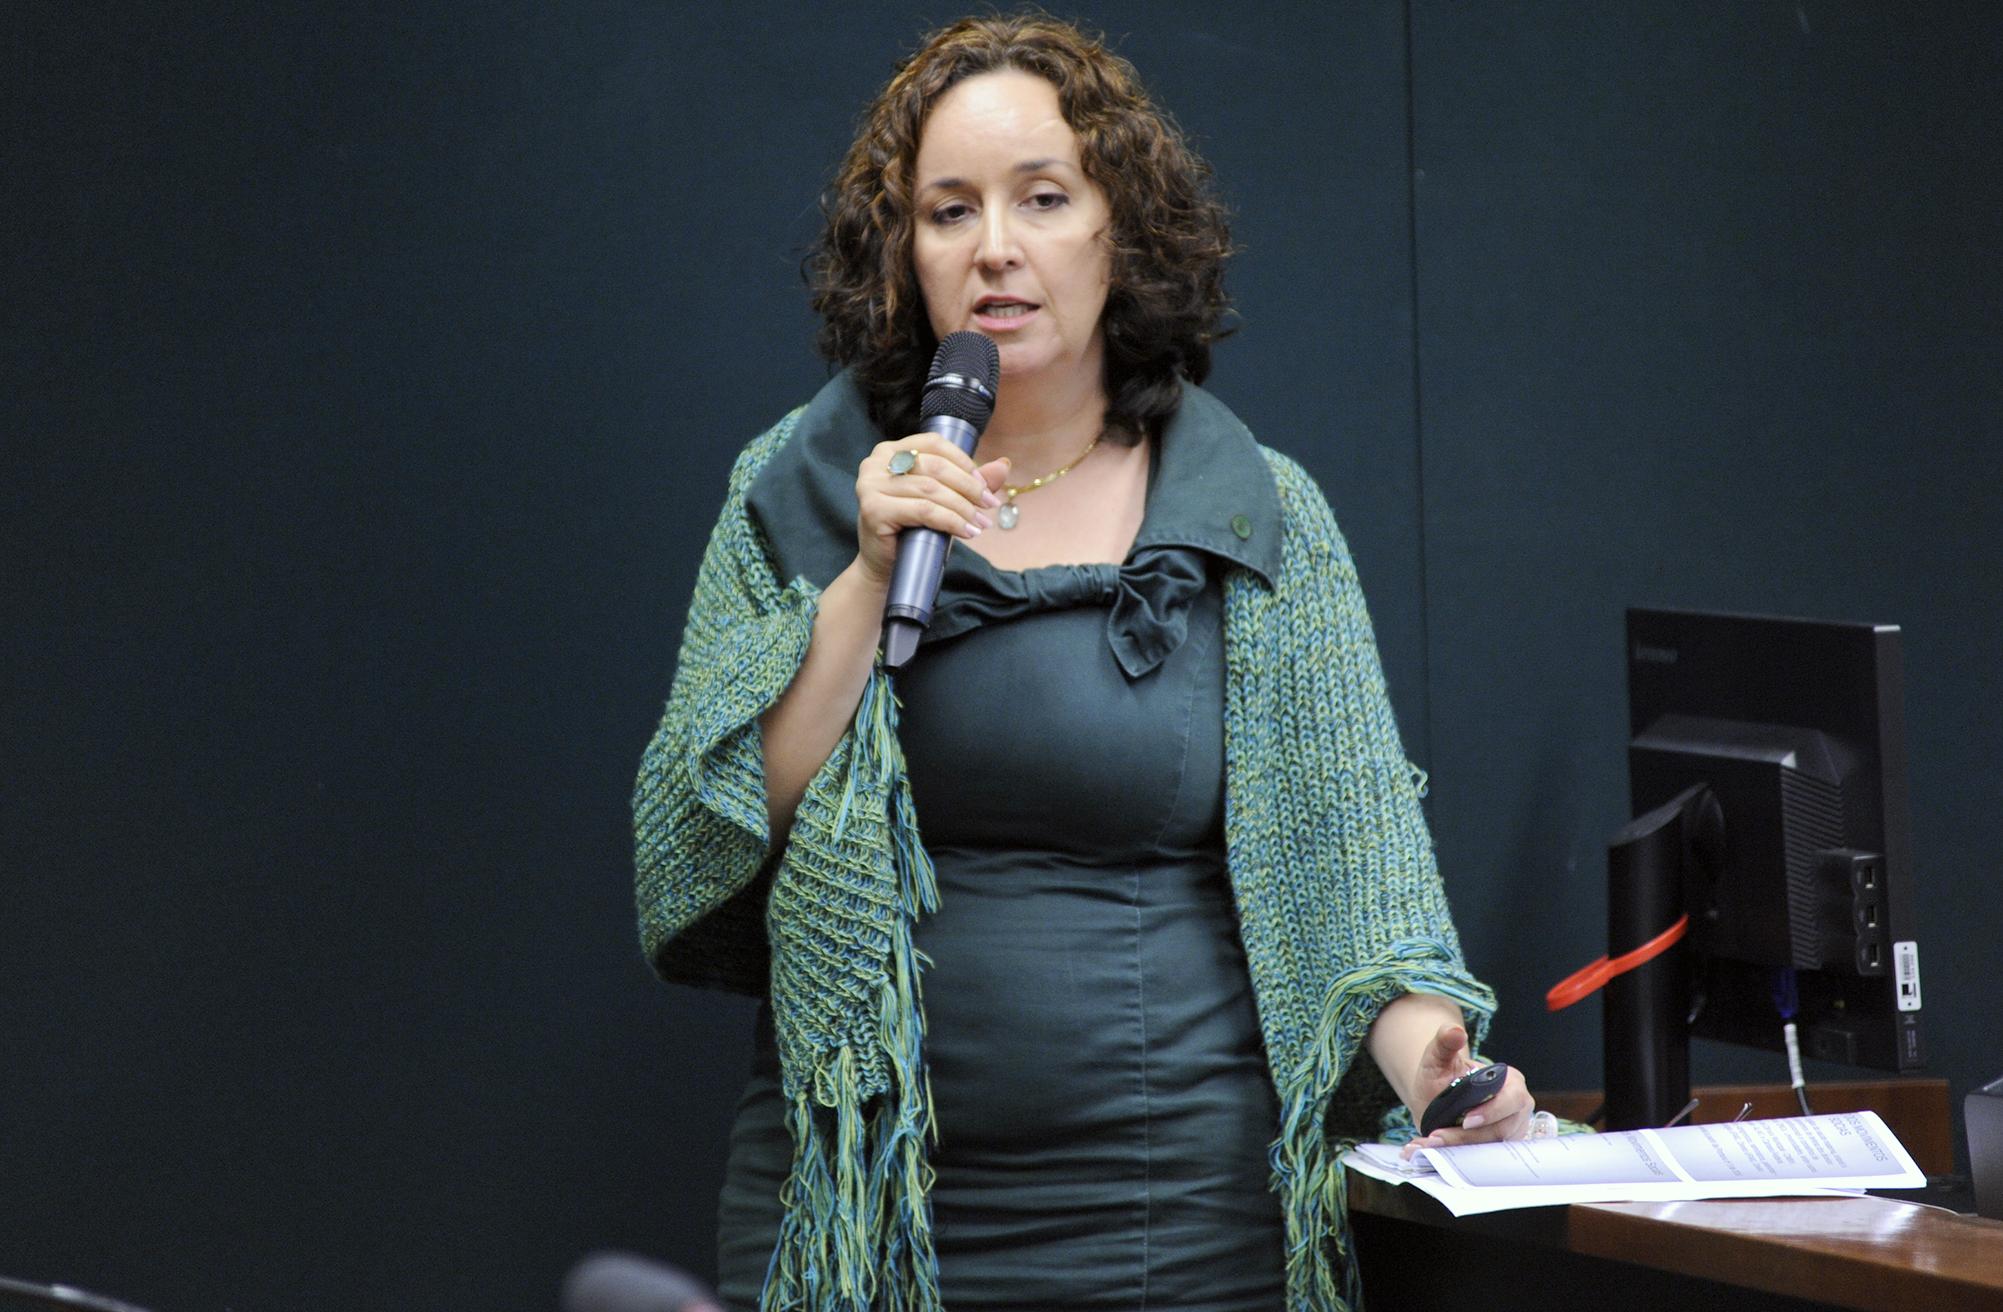 Audiência pública sobre a retirada compulsória de bebês de mães em situação de vulnerabilidade social em Belo Horizonte- MG. Defensora Pública da Defensoria Pública do Estado de Minas Gerais, Júnia Roman Carvalho